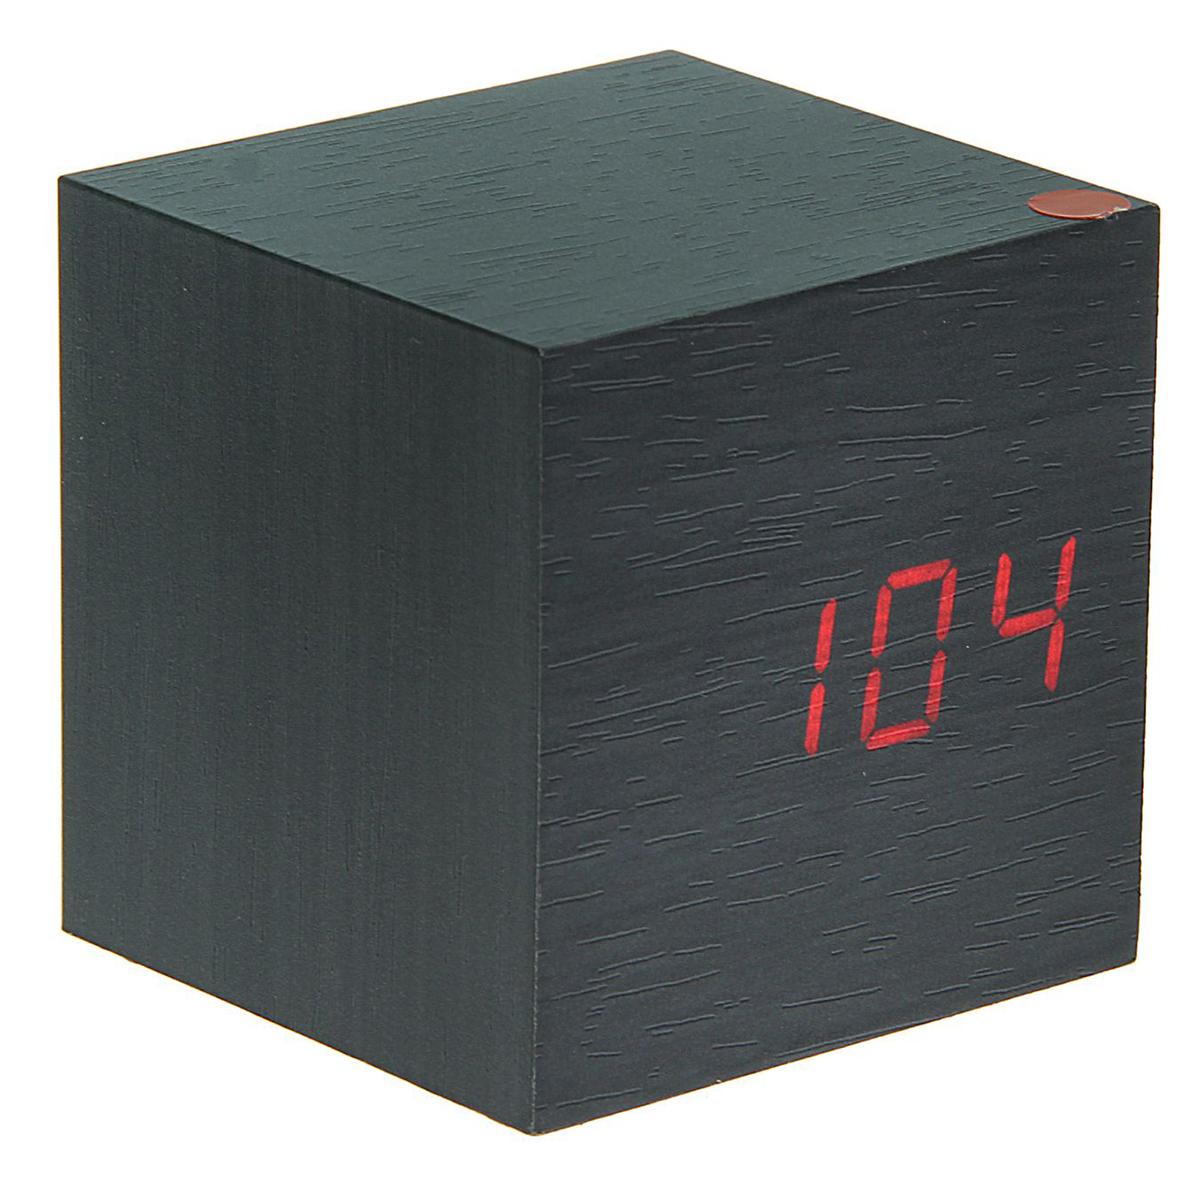 Часы-будильник Luazon Home Деревянный кубик. 14042711404271Минималистичный дизайн в форме куба сделает часы стильным акцентом вашего интерьера. Их уникальность состоит в отсутствии дисплея: в выключенном виде изделие представляет собой обычный деревянный куб, а при включении на нём видны подсвеченные изнутри цифры. Электронные часы удобны в использовании: настройка обеспечивается четырьмя кнопками, расположенными на обратной стороне прибора. Характеристики Отображение времени и температуры. Функция будильника. 4 кнопки для настройки. Внутренняя подсветка цифр. Низкое энергопотребление. Работает от USB или от 3 батареек ААА (в комплект не входят). Такие часы — прекрасный подарок для любителей нестандартных интерьерных решений.